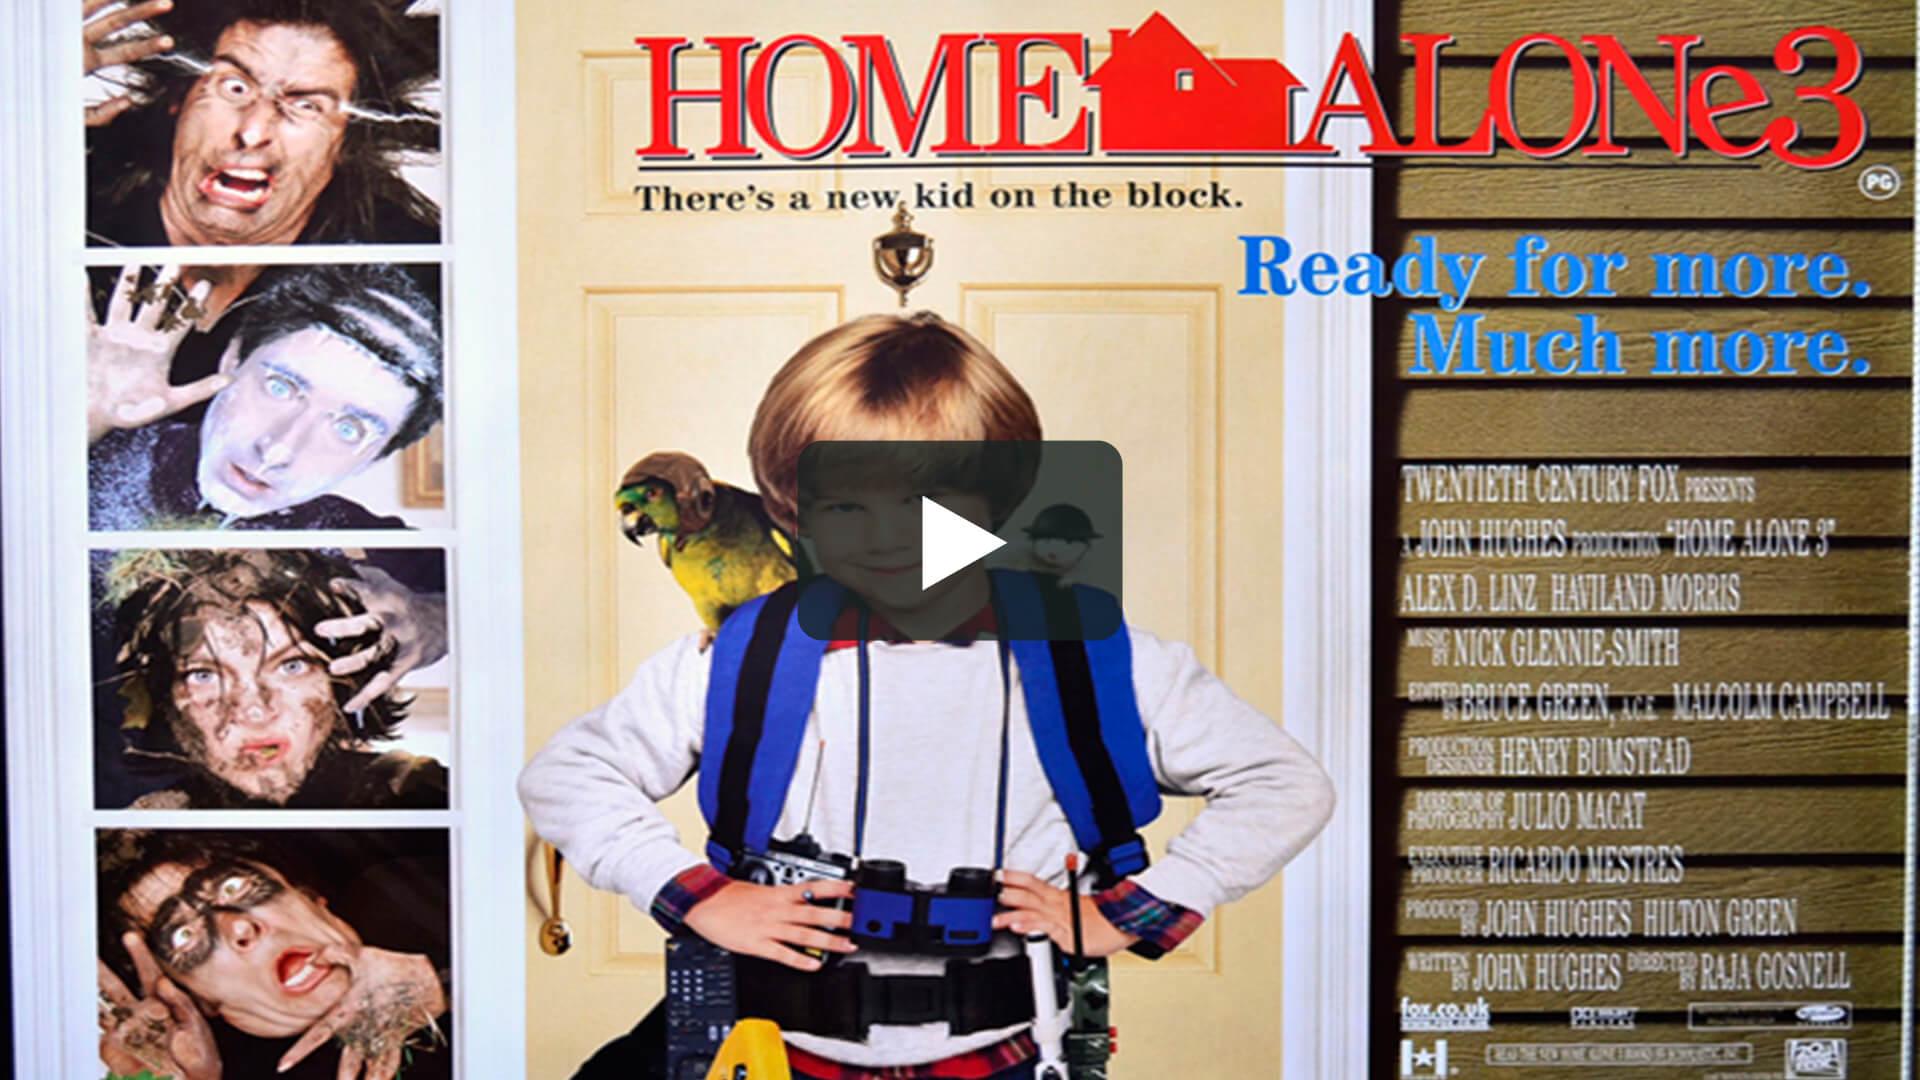 Home Alone 3 - 小鬼當家3